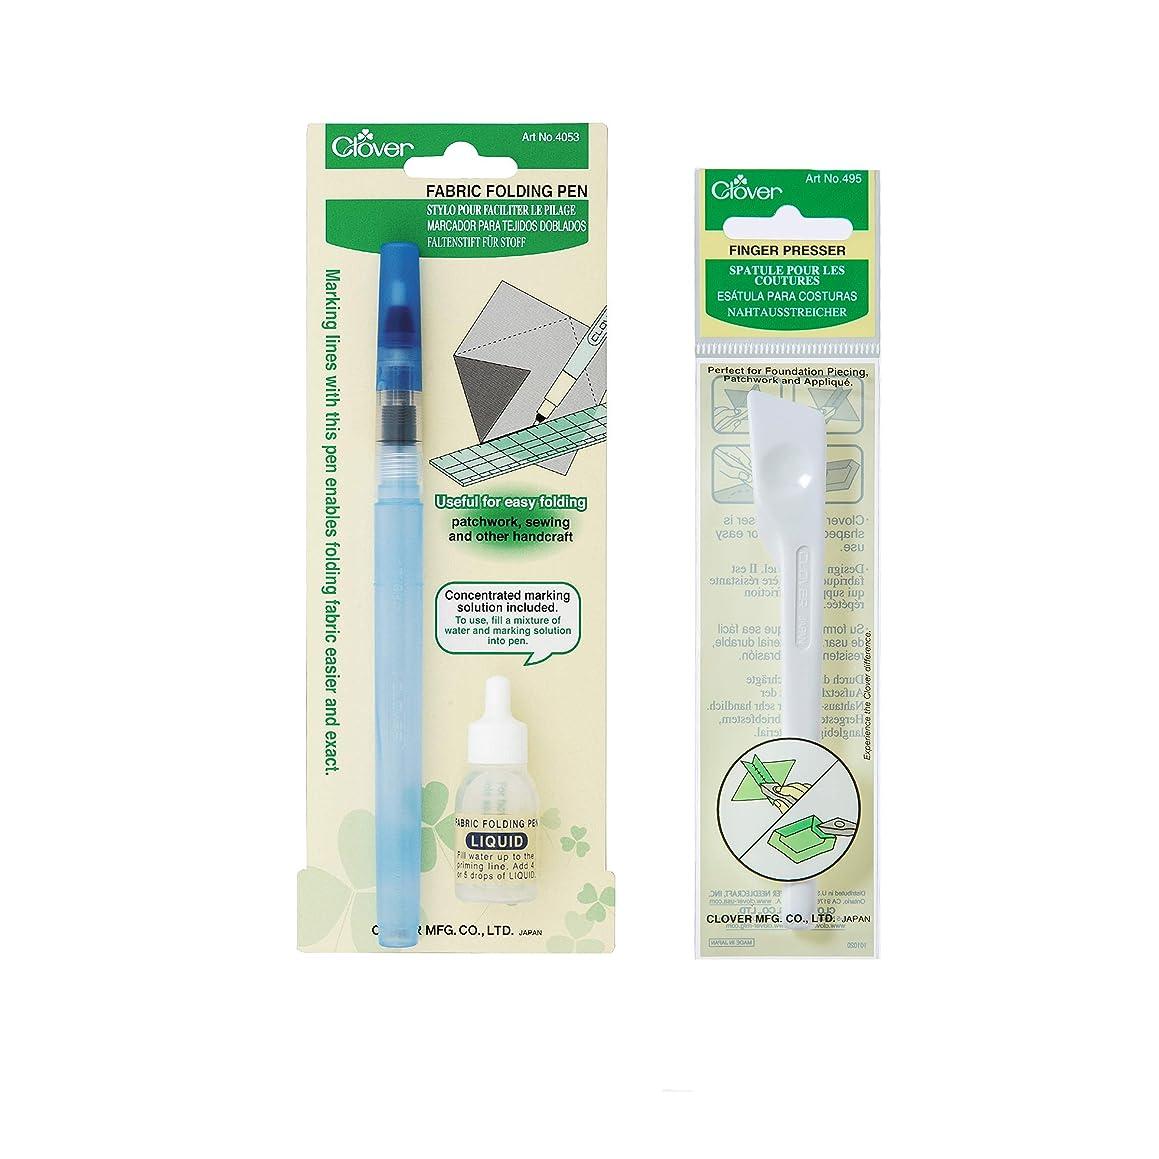 Clover E006 Folding Bundle Fabric Pens, 123, Multiple 2